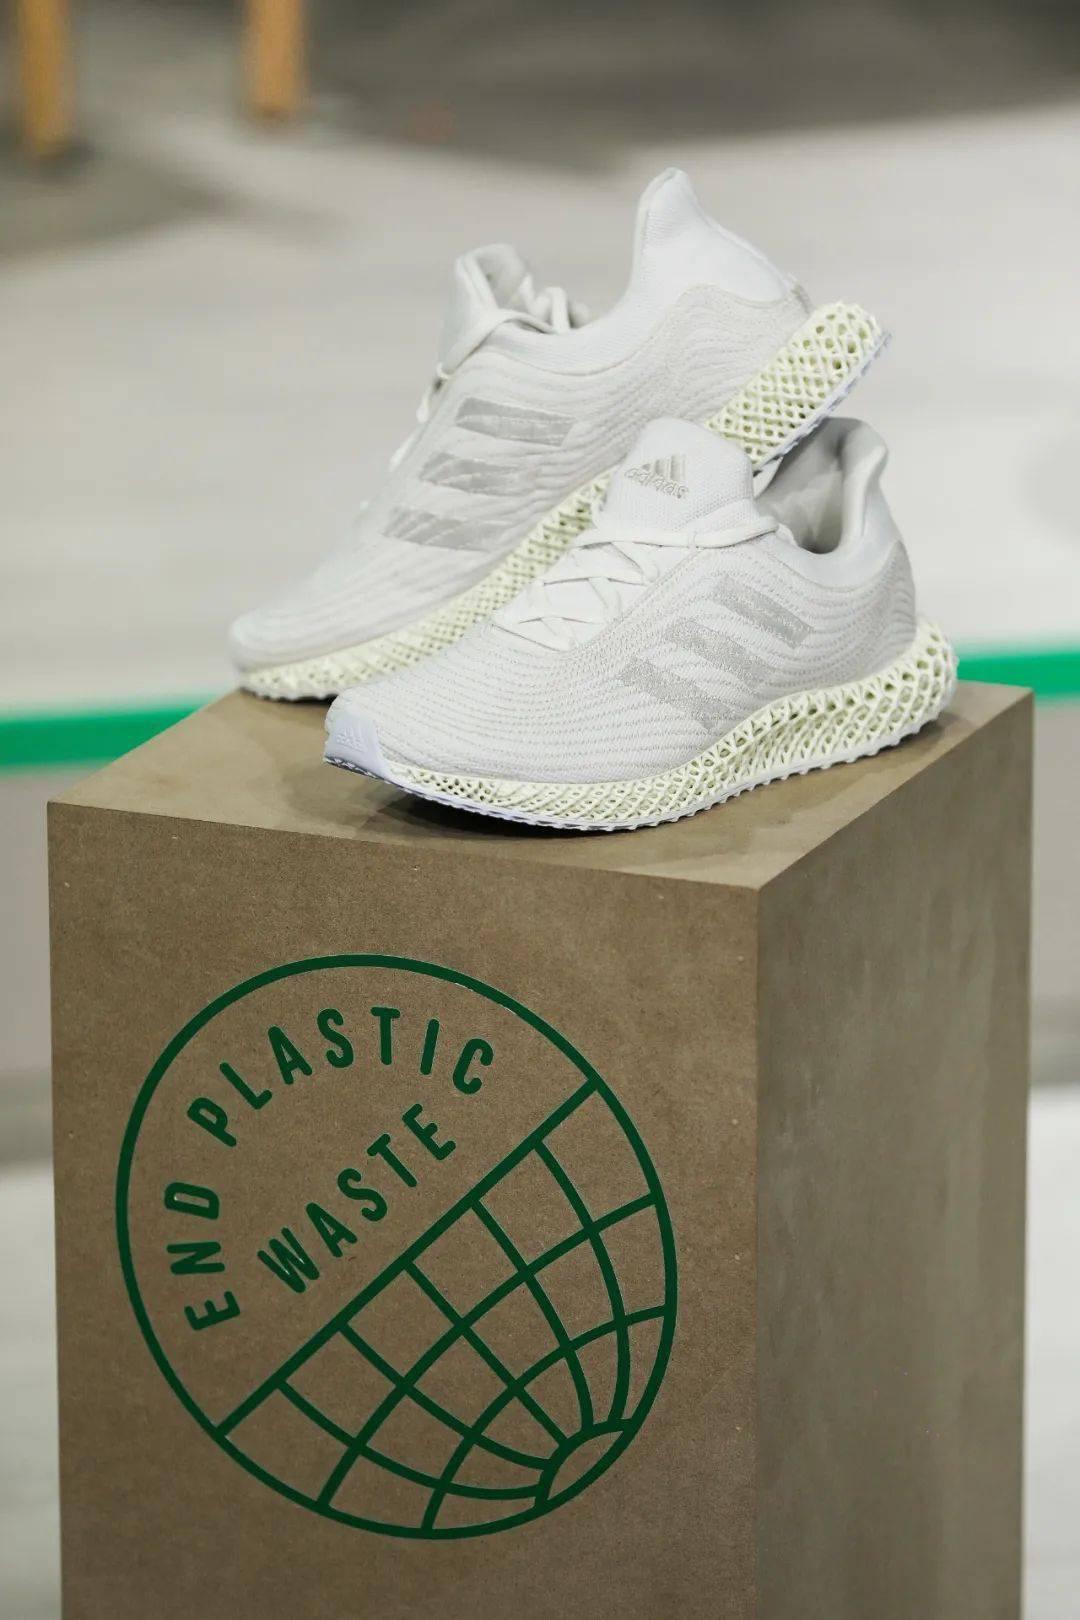 ULSUM丨adidas 家的即刻「绿」动